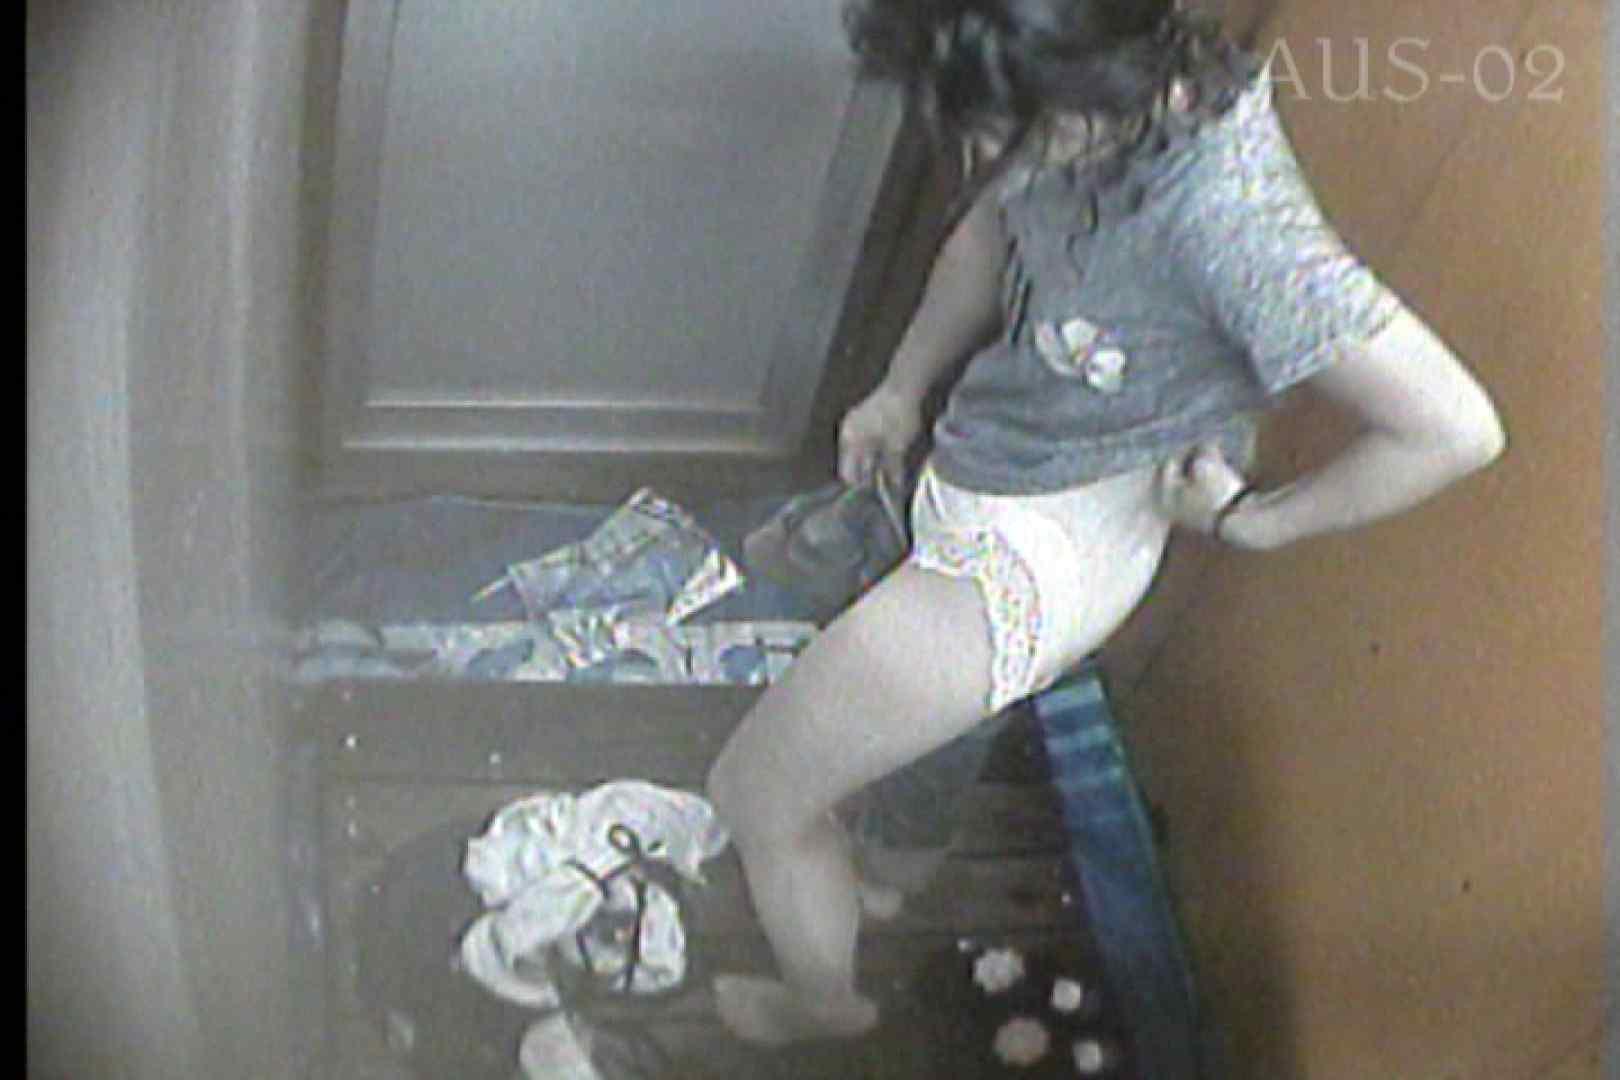 海の家の更衣室 Vol.09 シャワー室 AV無料動画キャプチャ 87枚 68